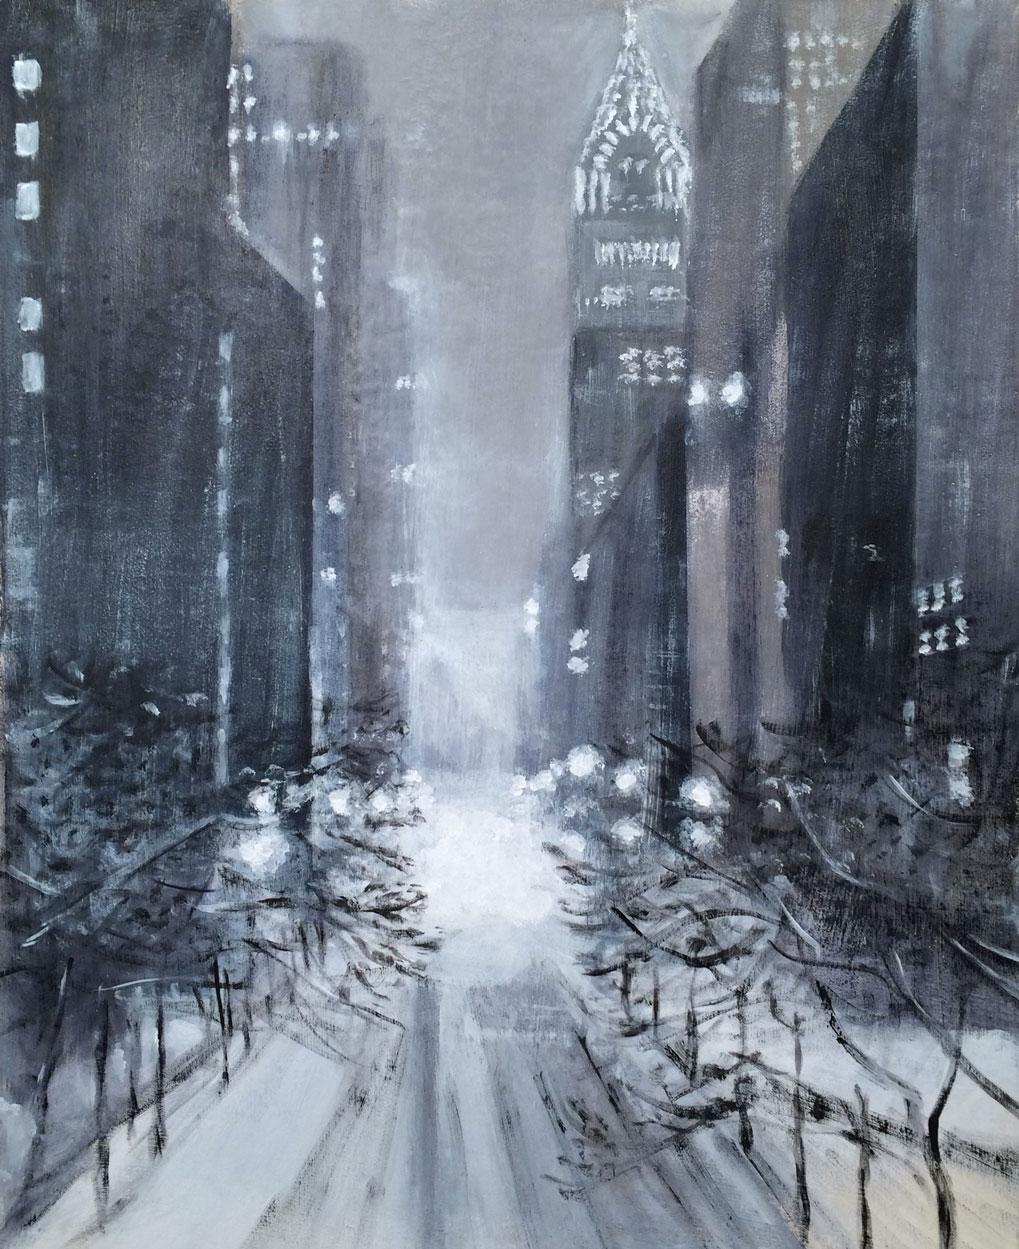 N°2149 - Snowzilla in NYC - Acrylique sur toile - 92 x 73 cm - 29 janvier 2016